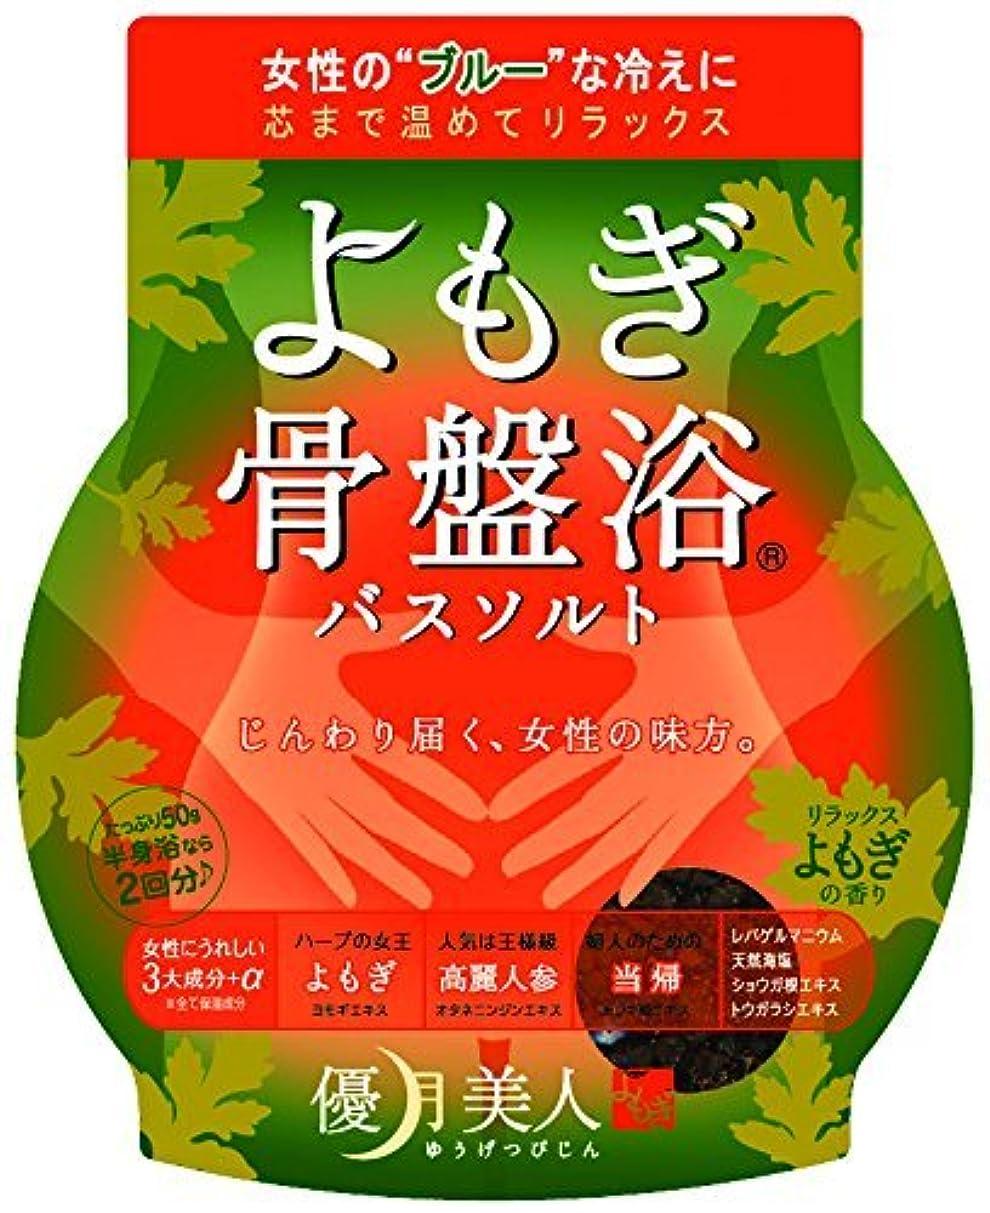 ポットシンポジウム忌まわしい【まとめ買い】優月美人 バスソルト よもぎの香り 50g ×4個